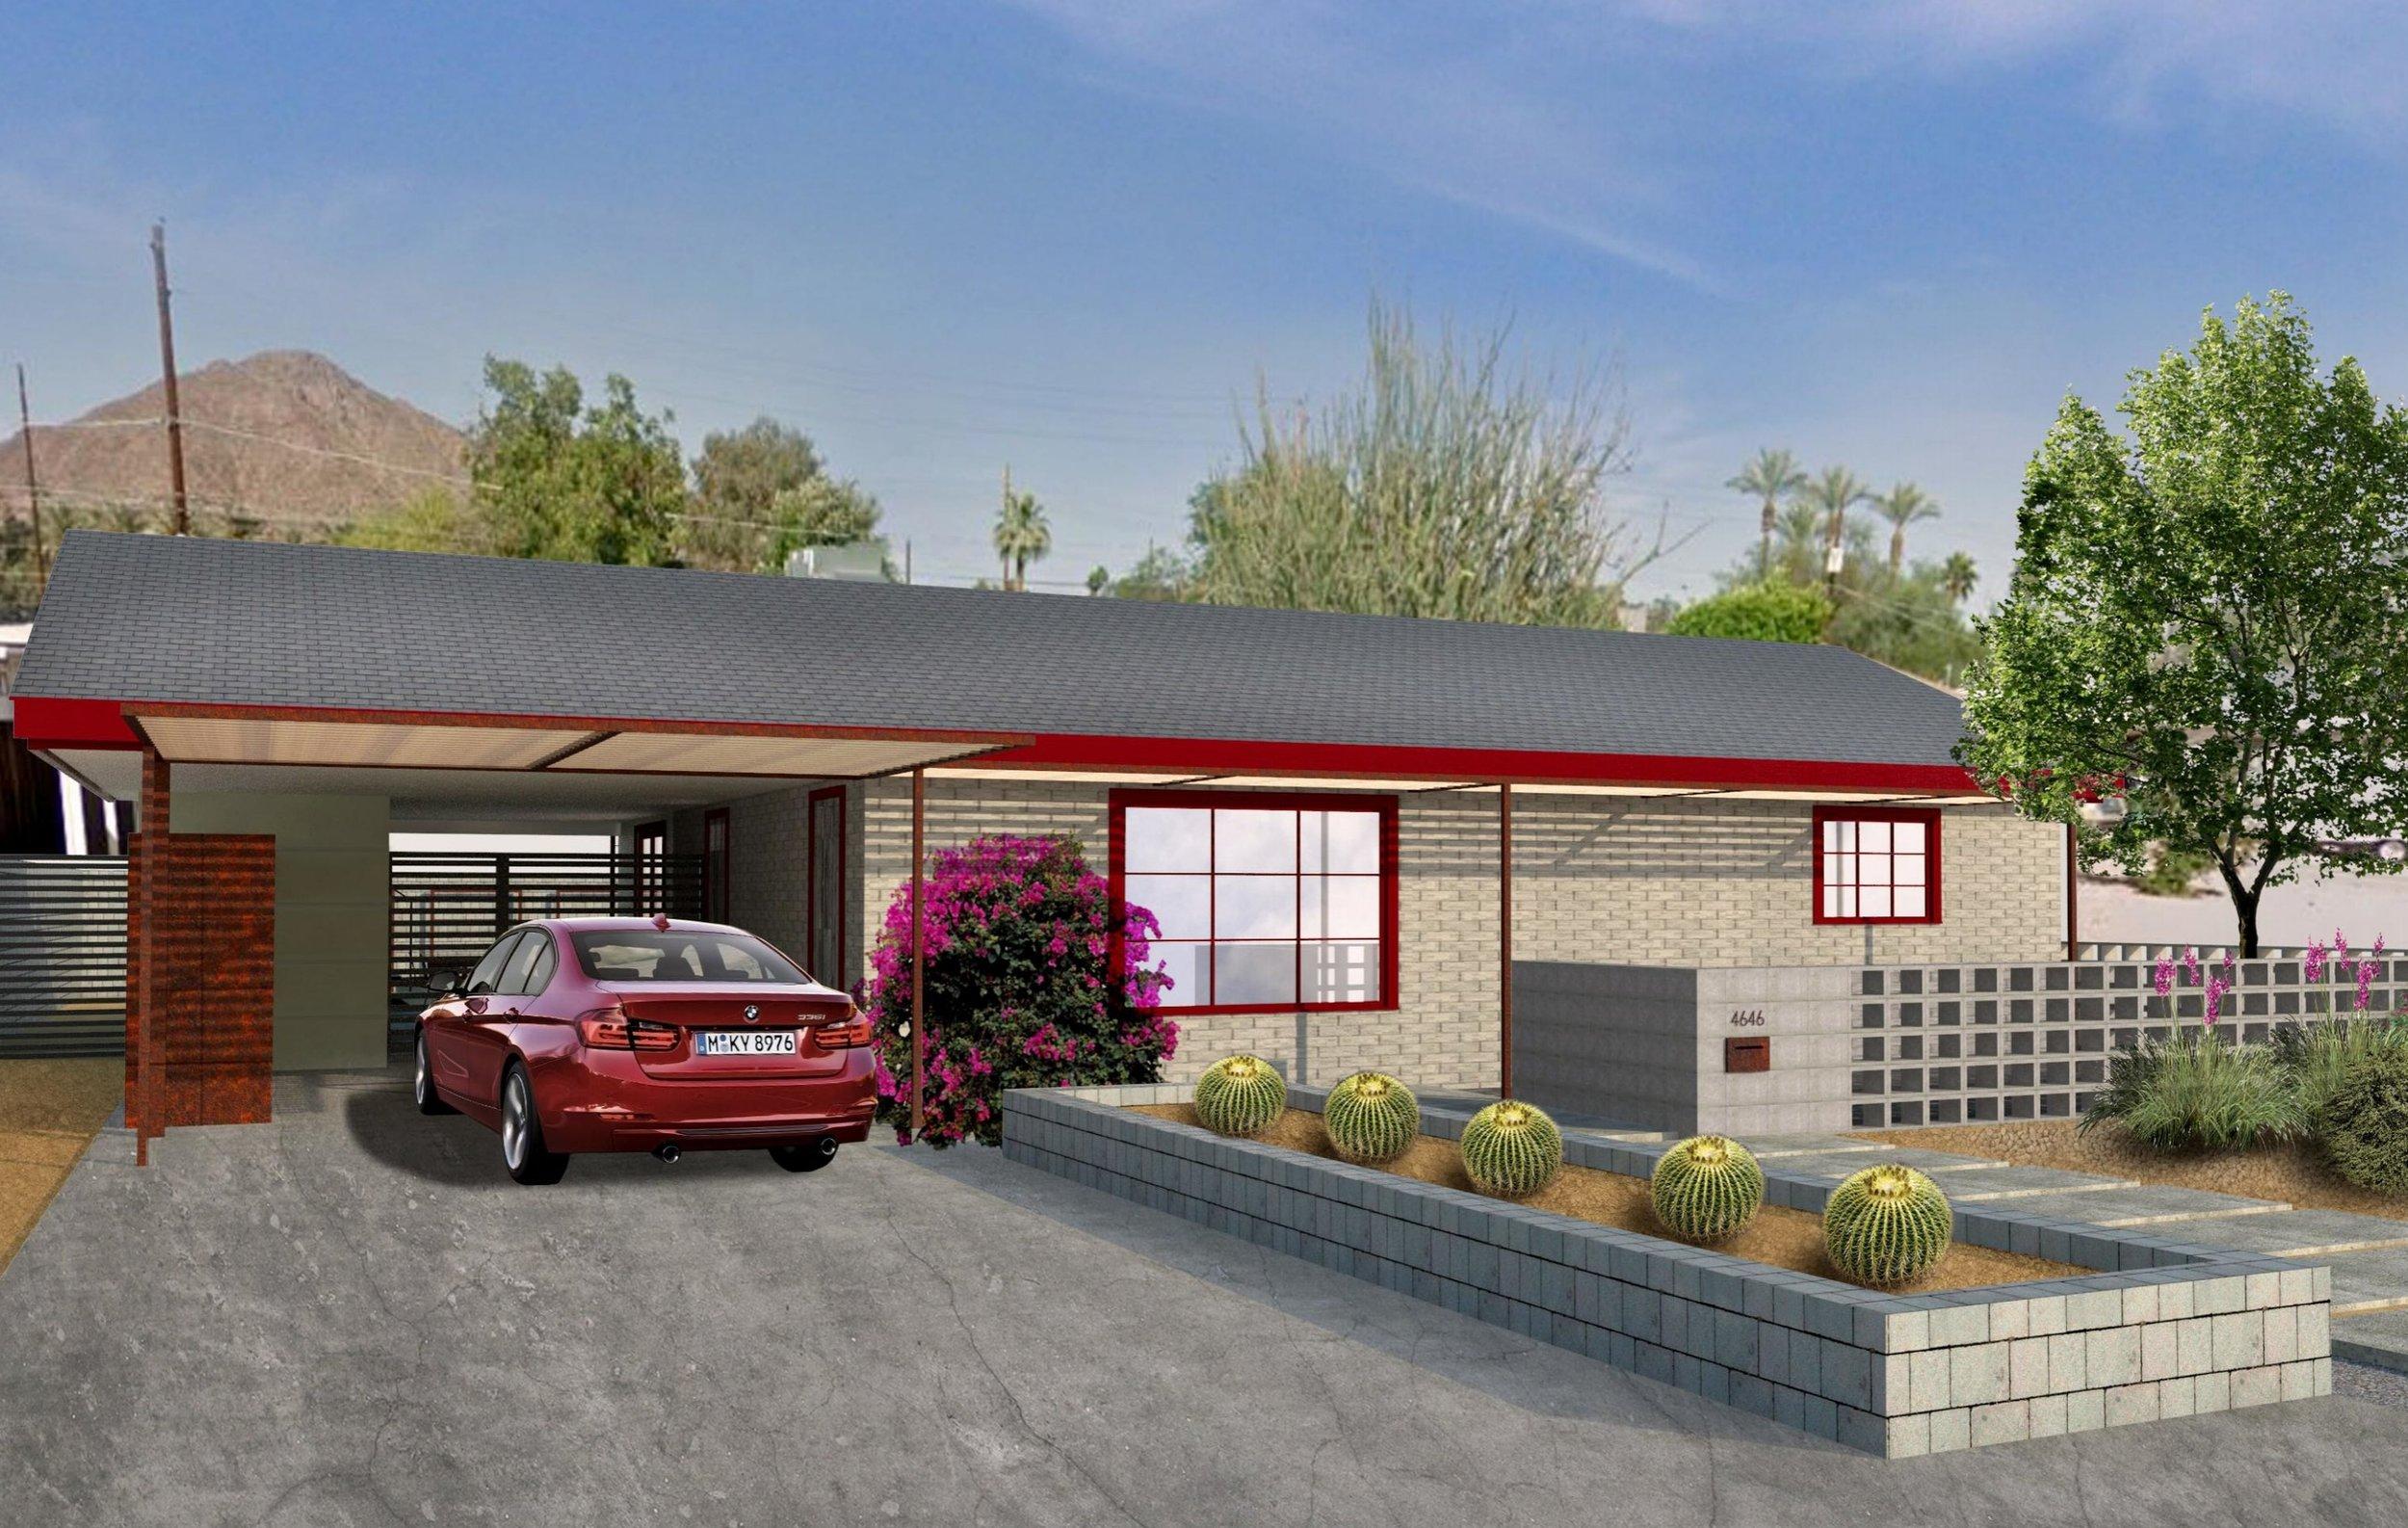 Poinot Residence Rendering 1 .jpg